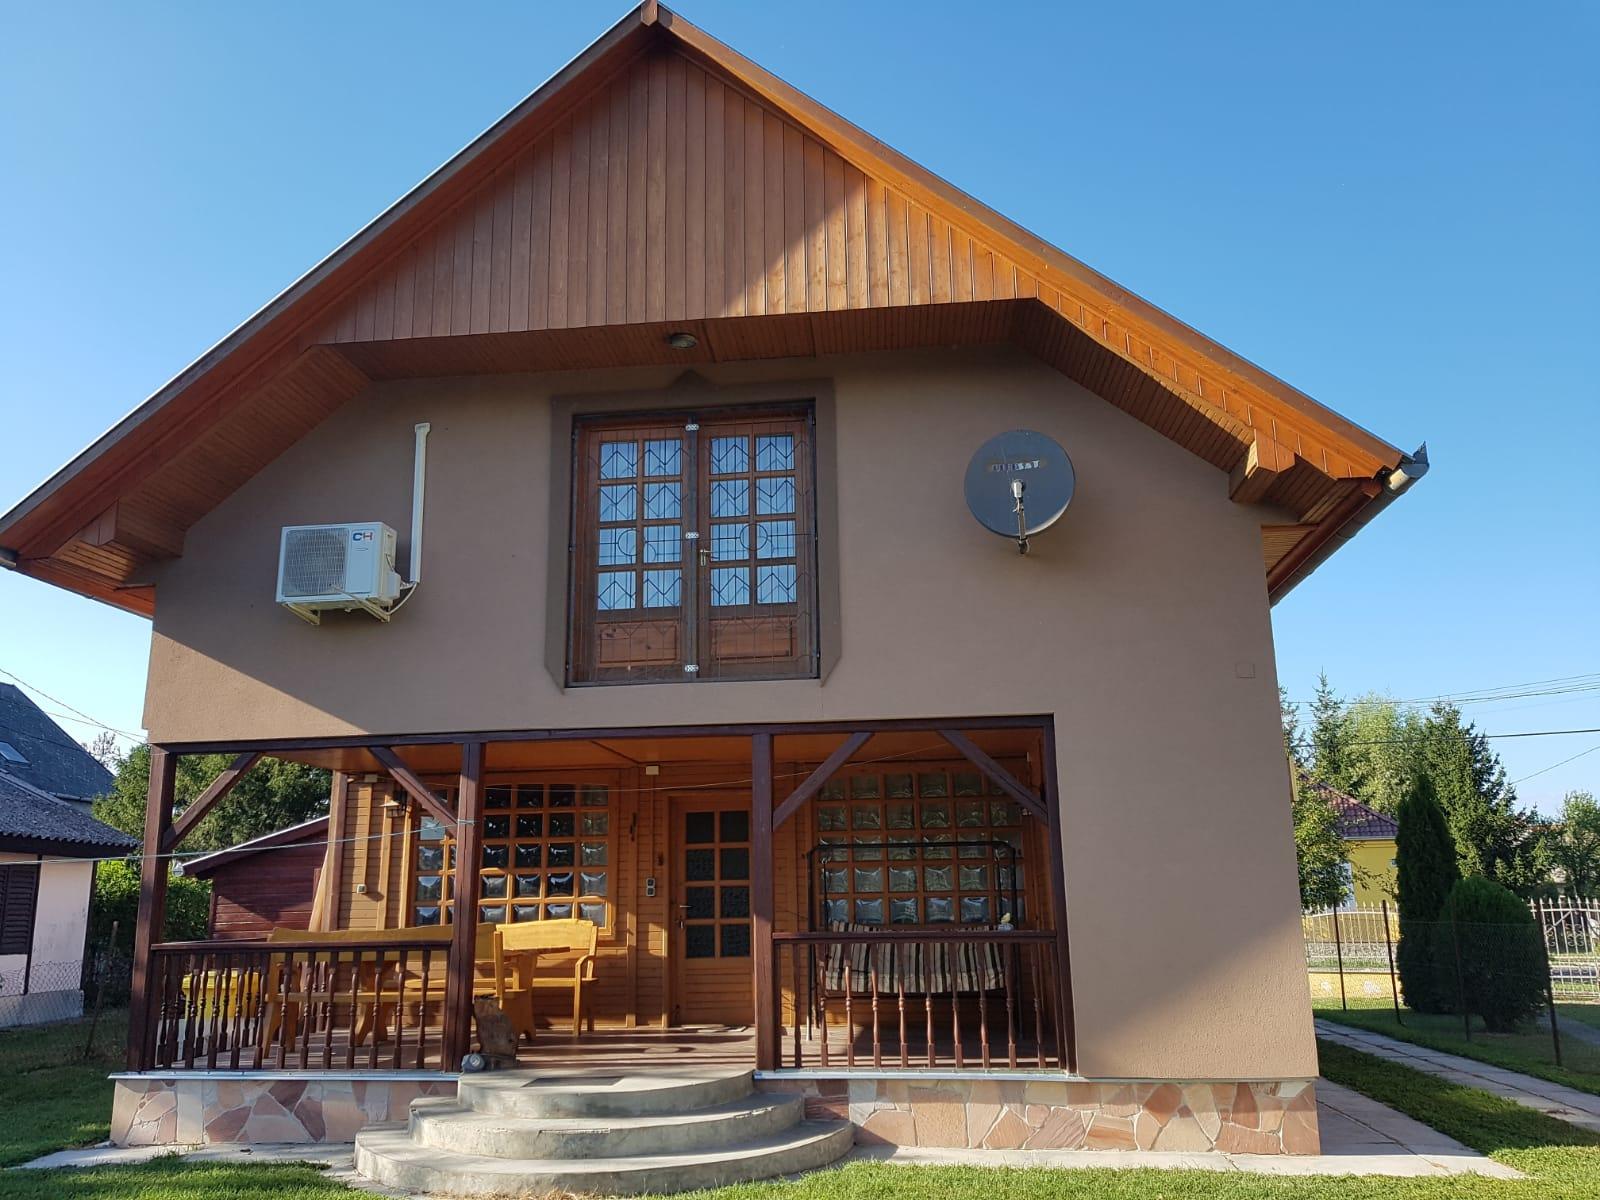 Objekt 203 Neuzugang! Alleinstehendes Ferienhaus mit Waschmaschine, Wlan und Klima für 6 Personen